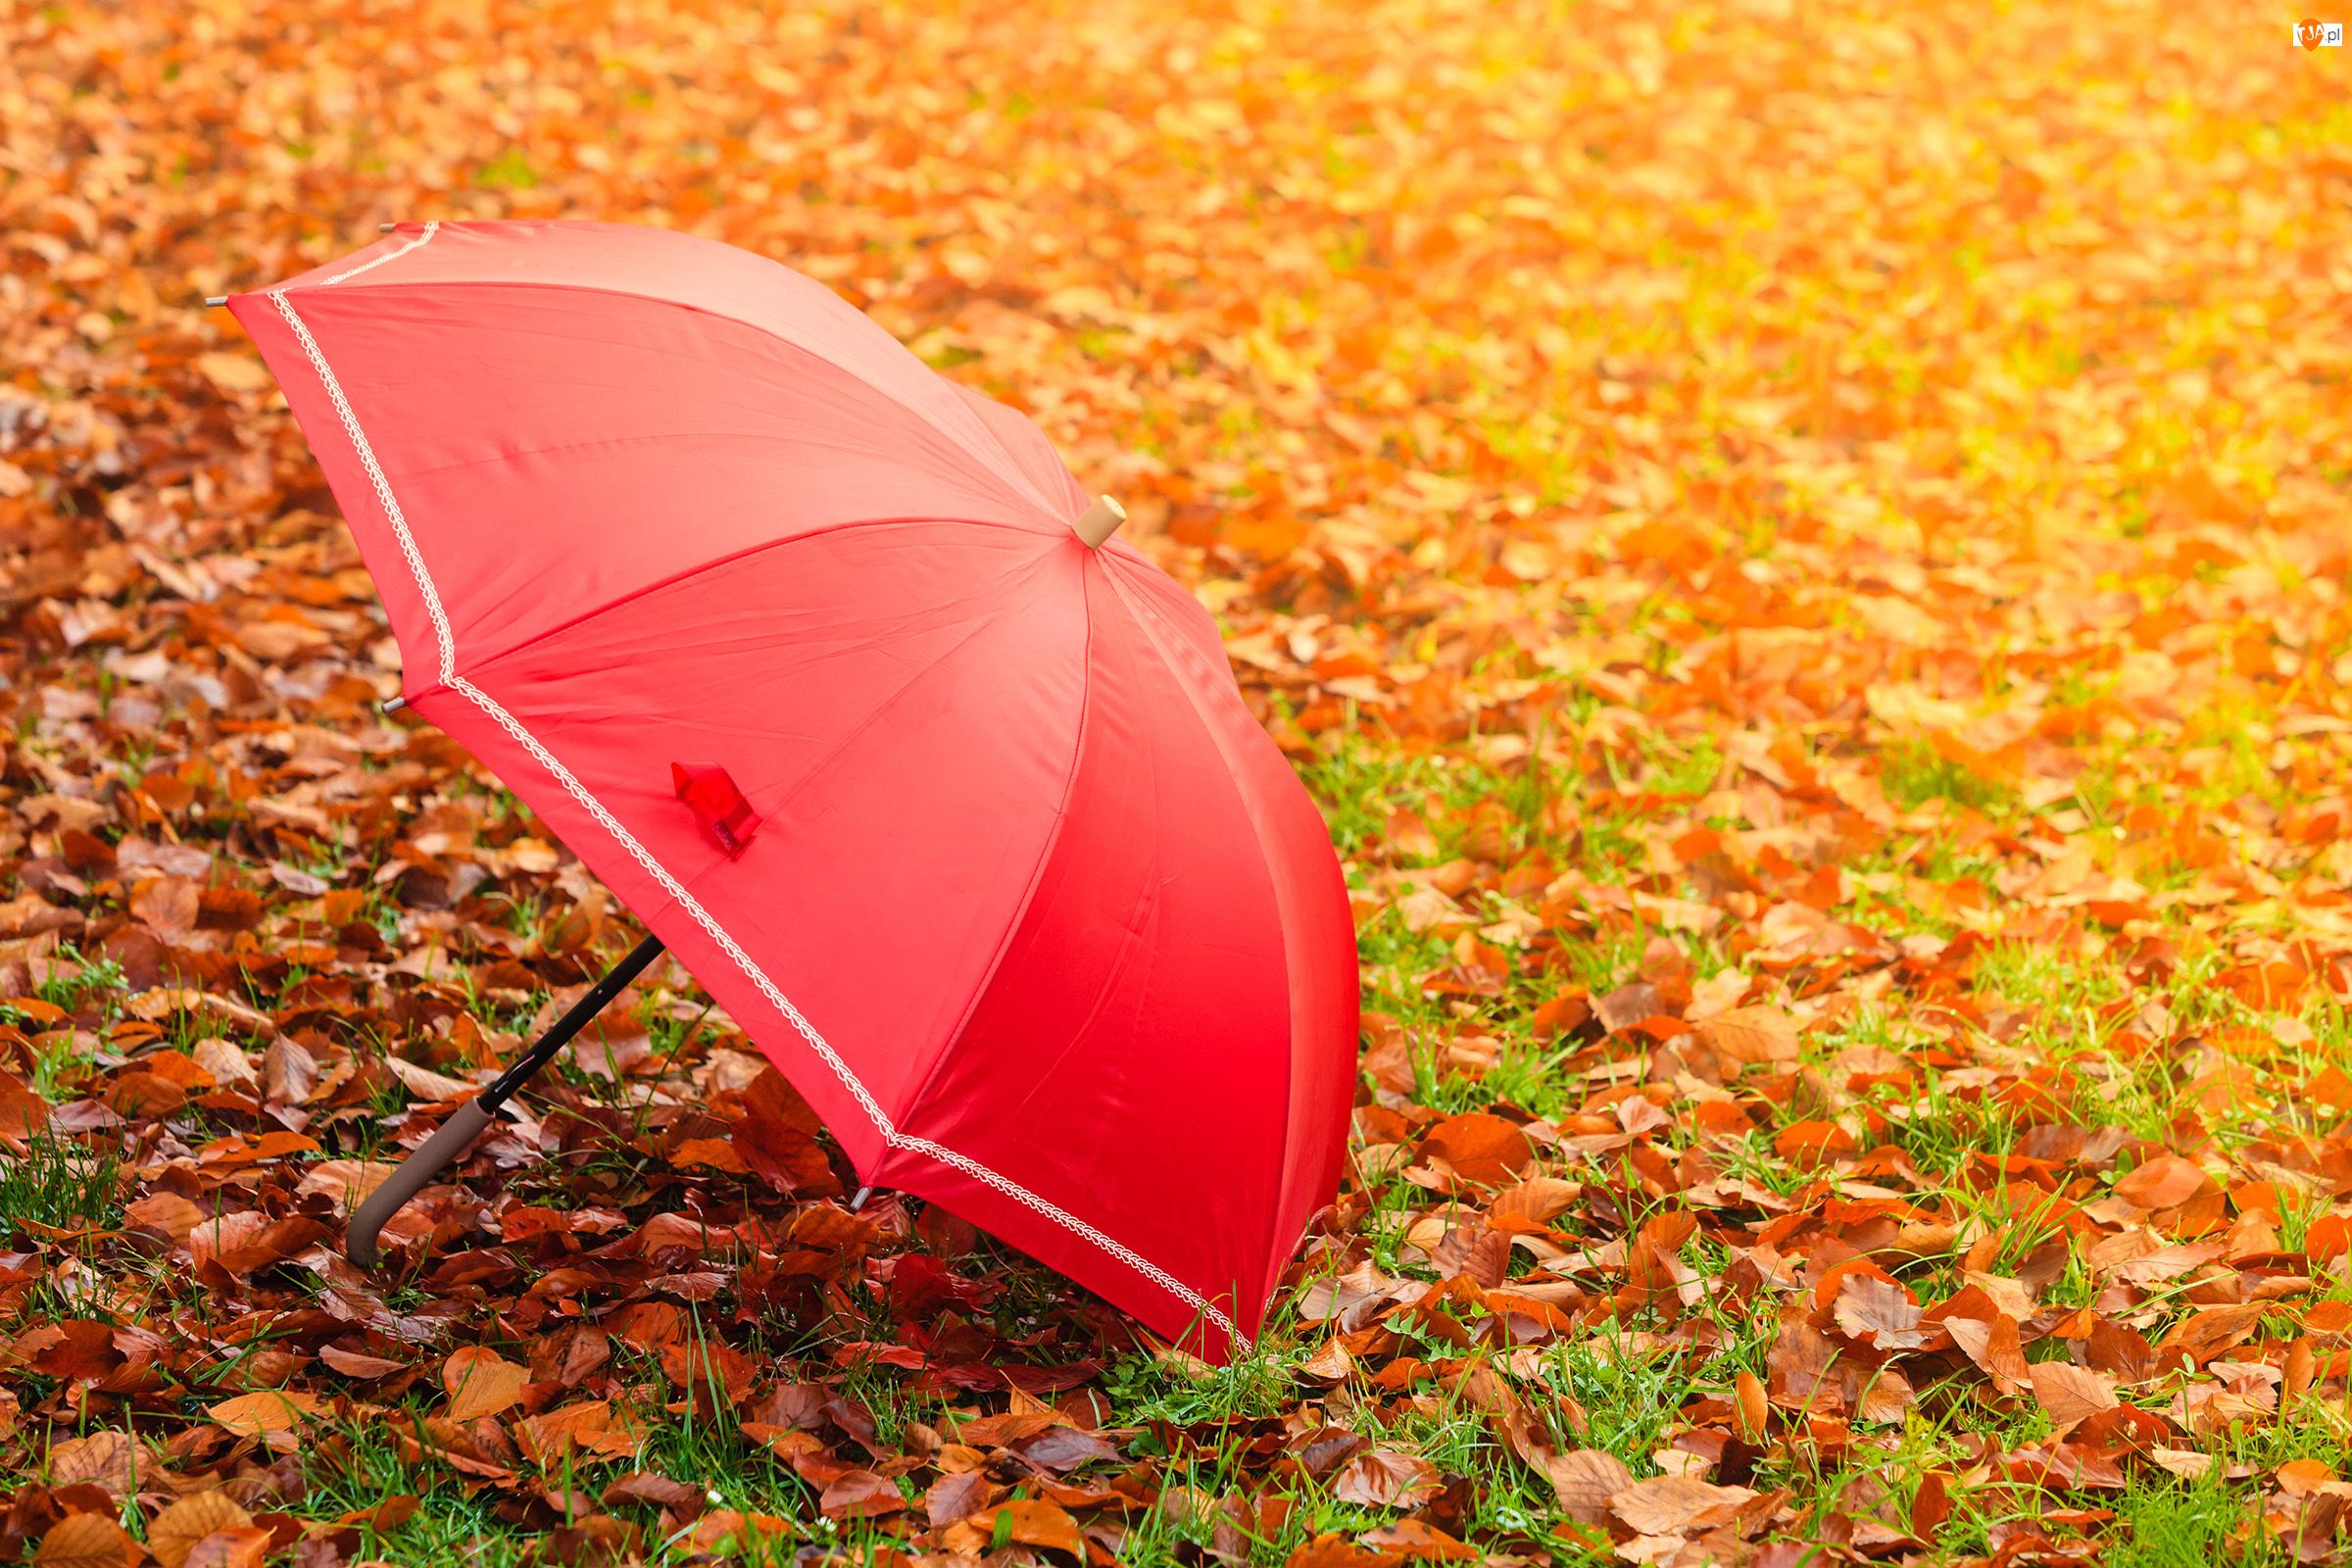 Pożółkłe, Liście, Parasolka, Czerwona, Opadłe